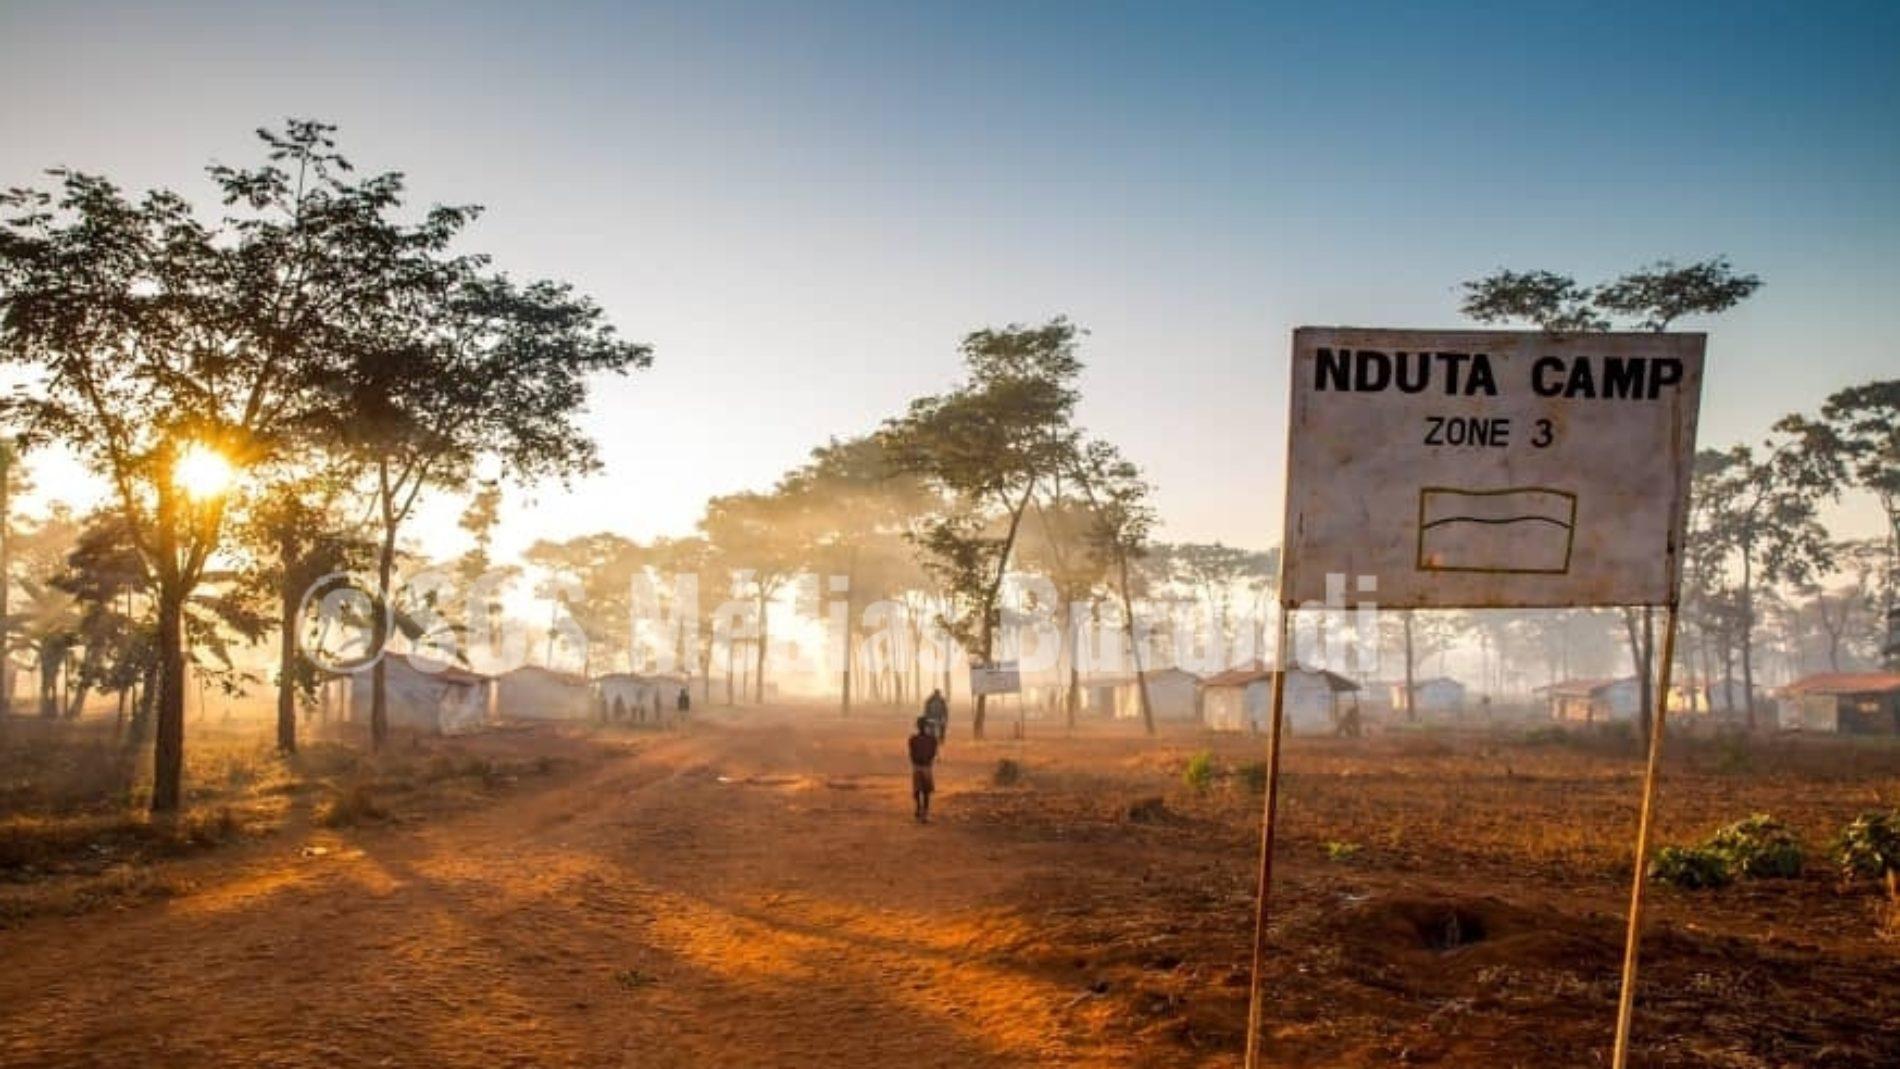 Nduta (Tanzanie) : des tracts menaçants dans le camp de réfugiés burundais